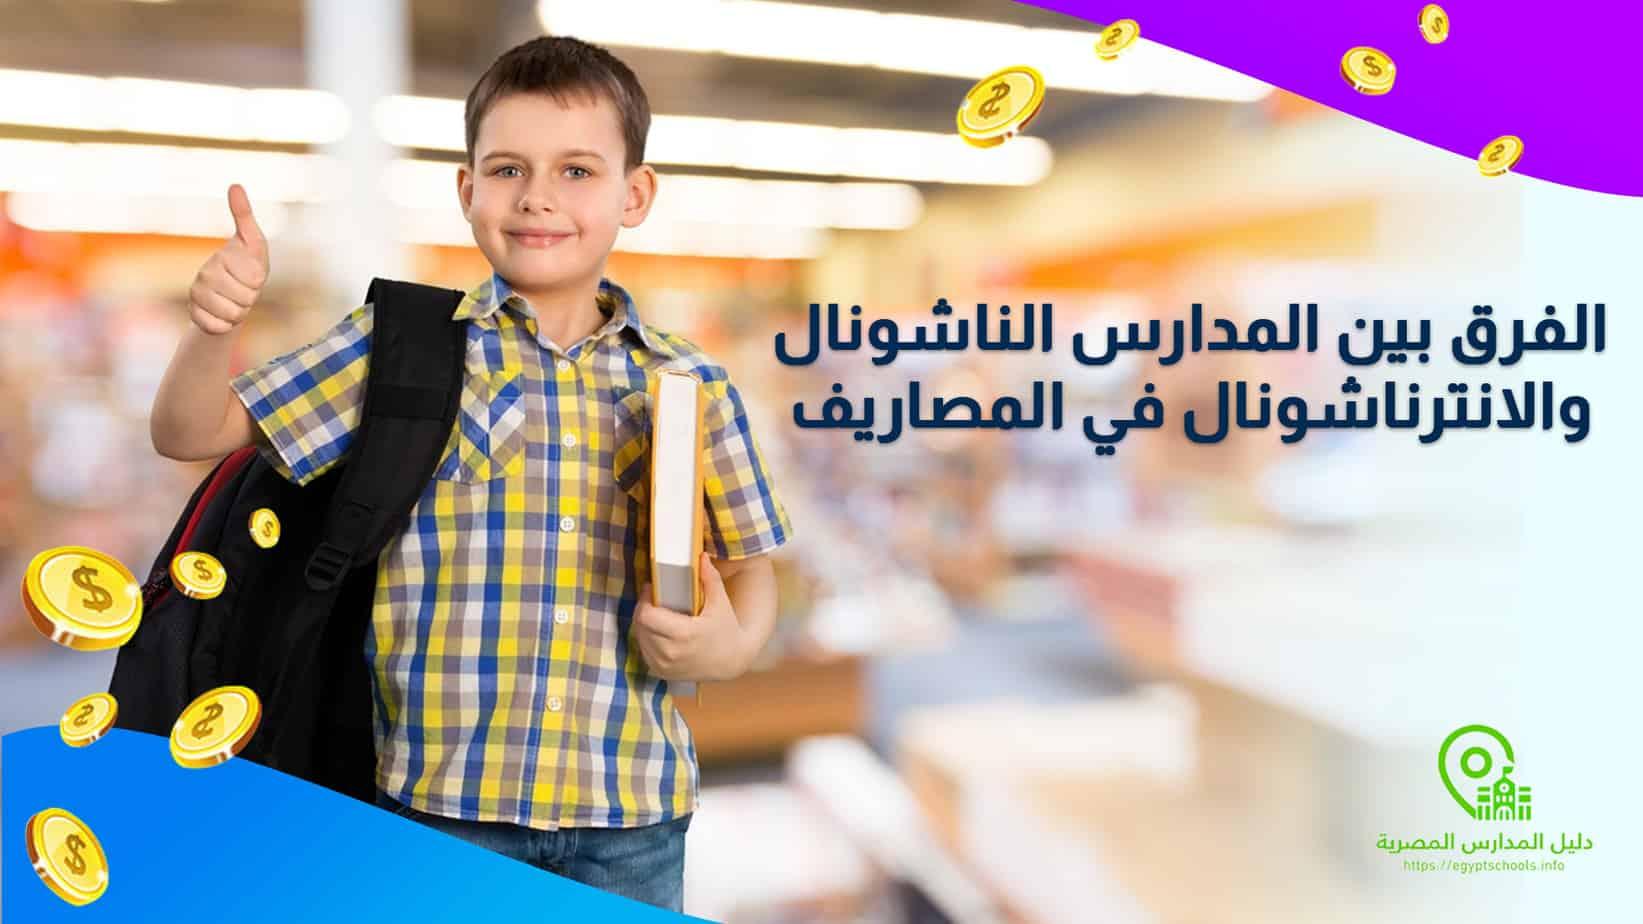 الفرق بين المدارس الناوشونال والانترناشونال في المصاريف